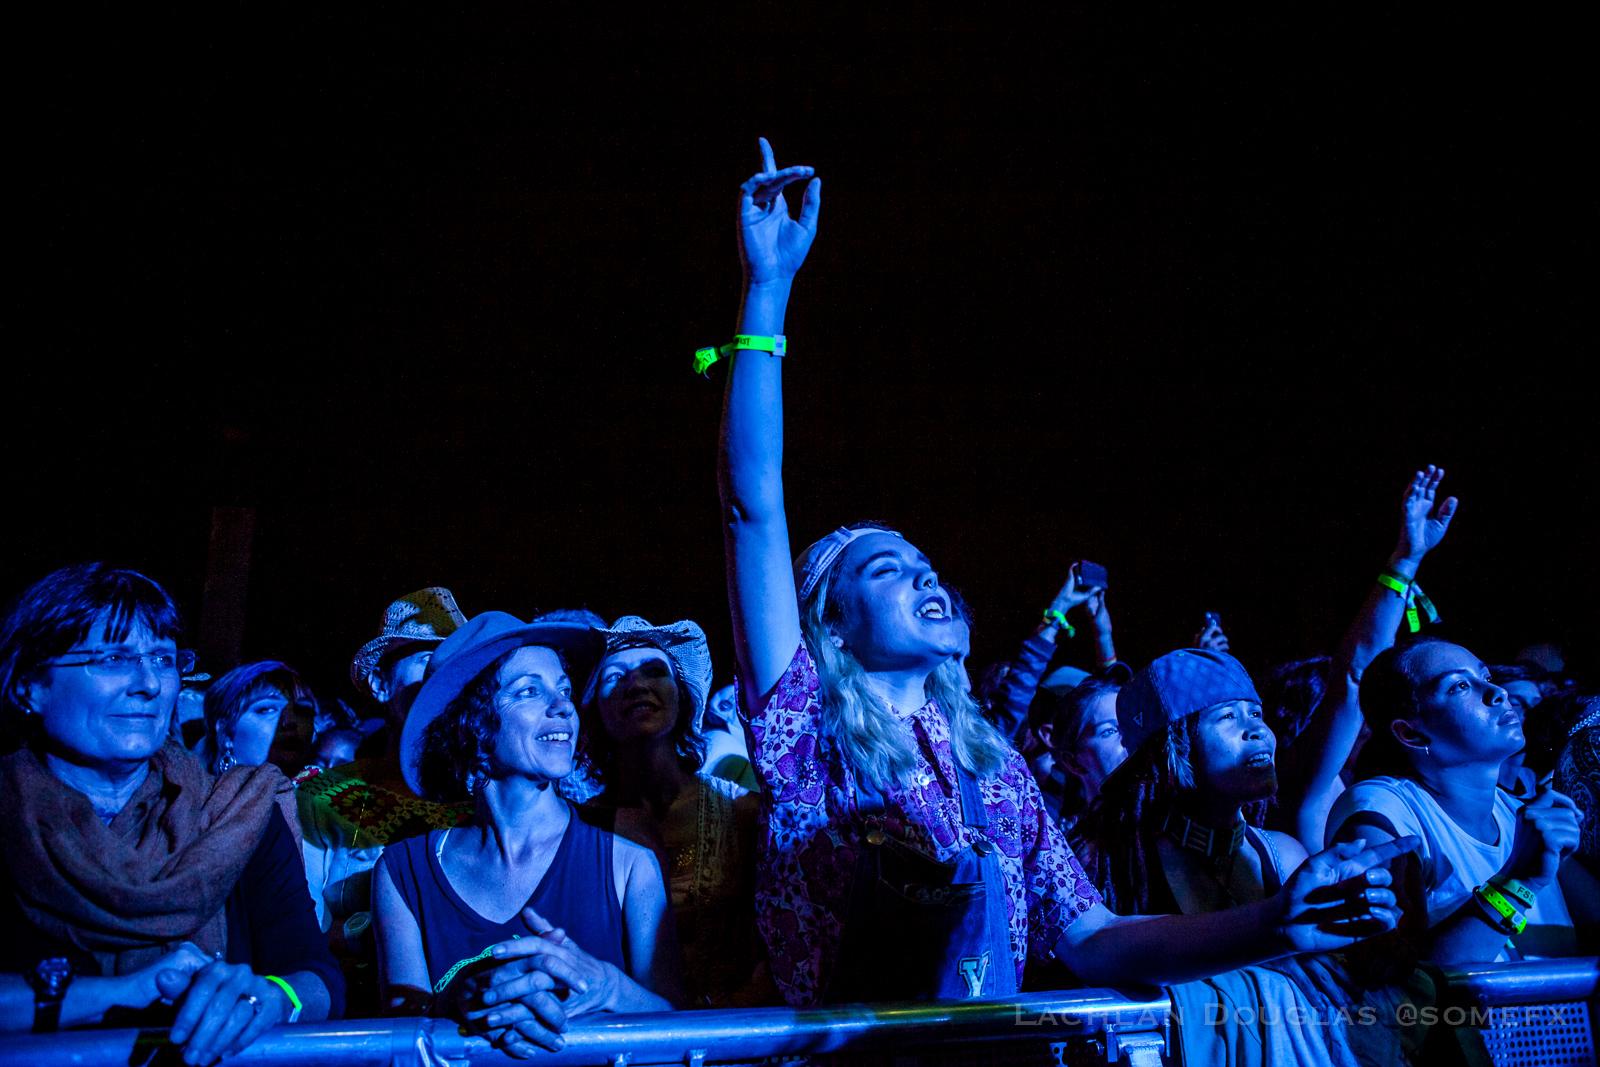 Crowd_Lachlan+Douglas.jpg